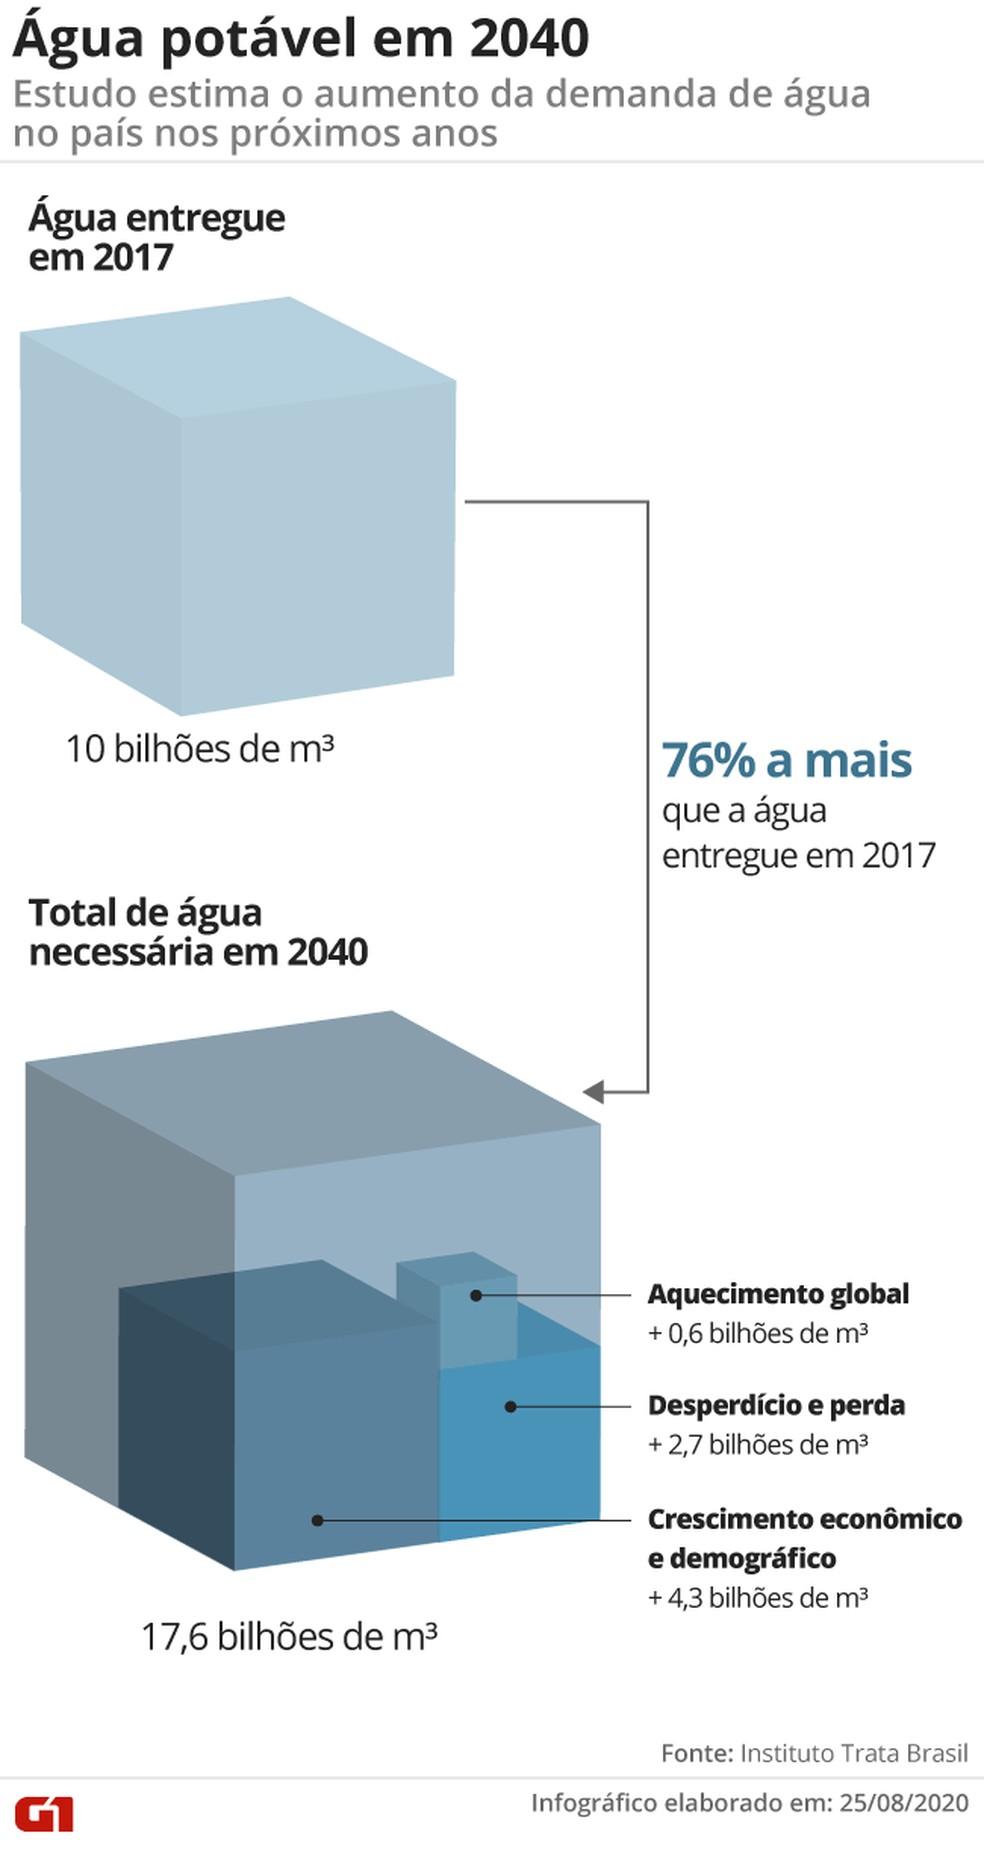 Estudo estima o aumento da demanda de água no país nos próximos anos. — Foto: Juliane Souza/Arte